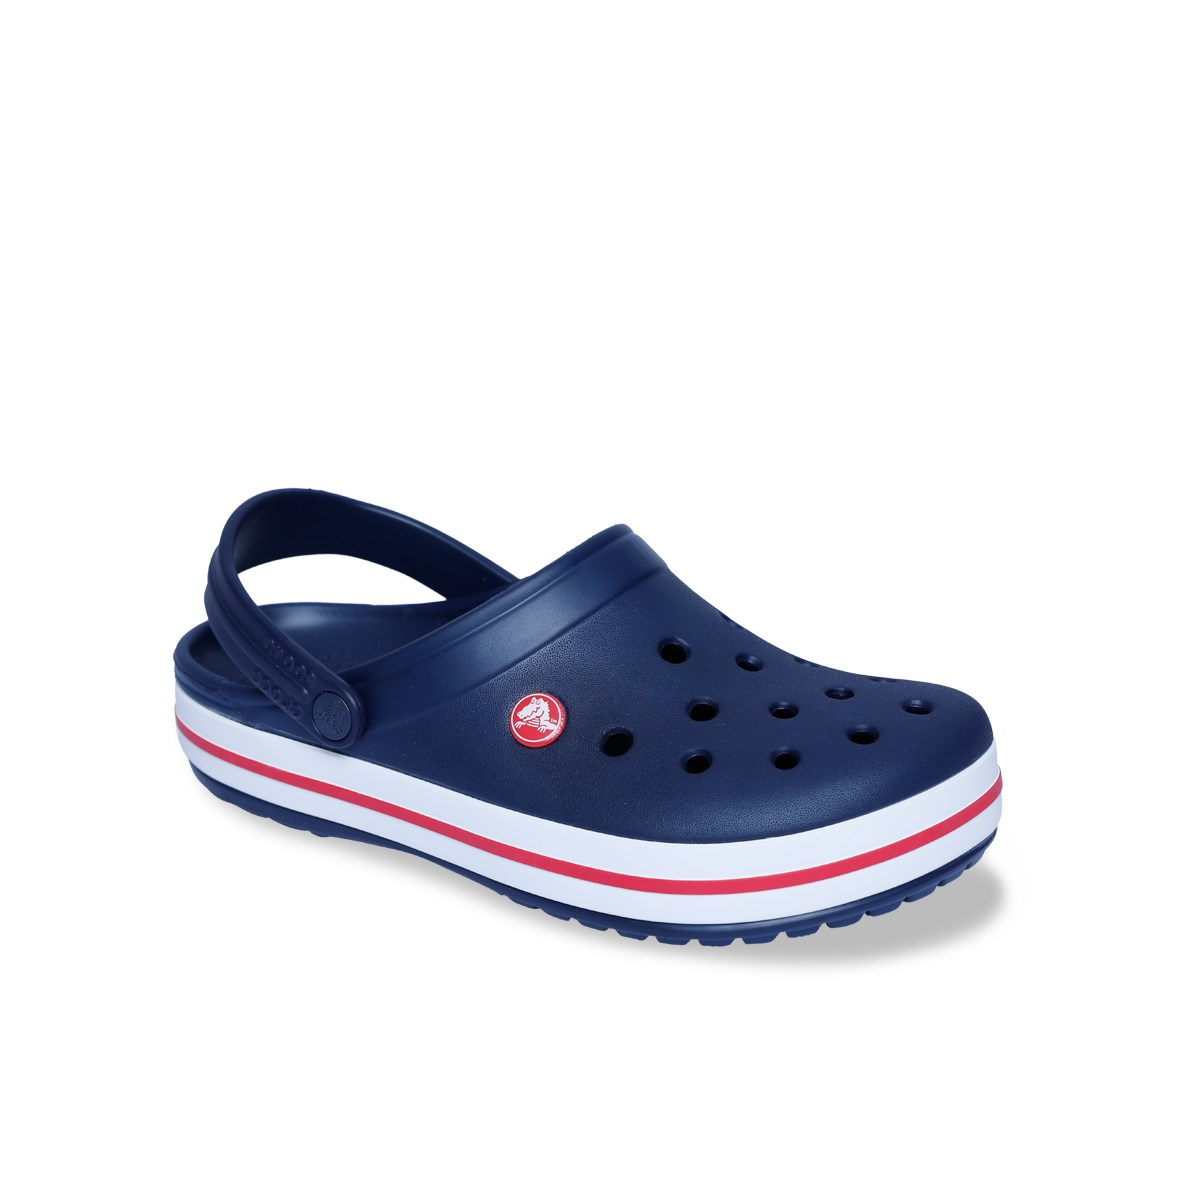 Ayak Sağlığınızı Crocs Terlikleri ile Koruyun